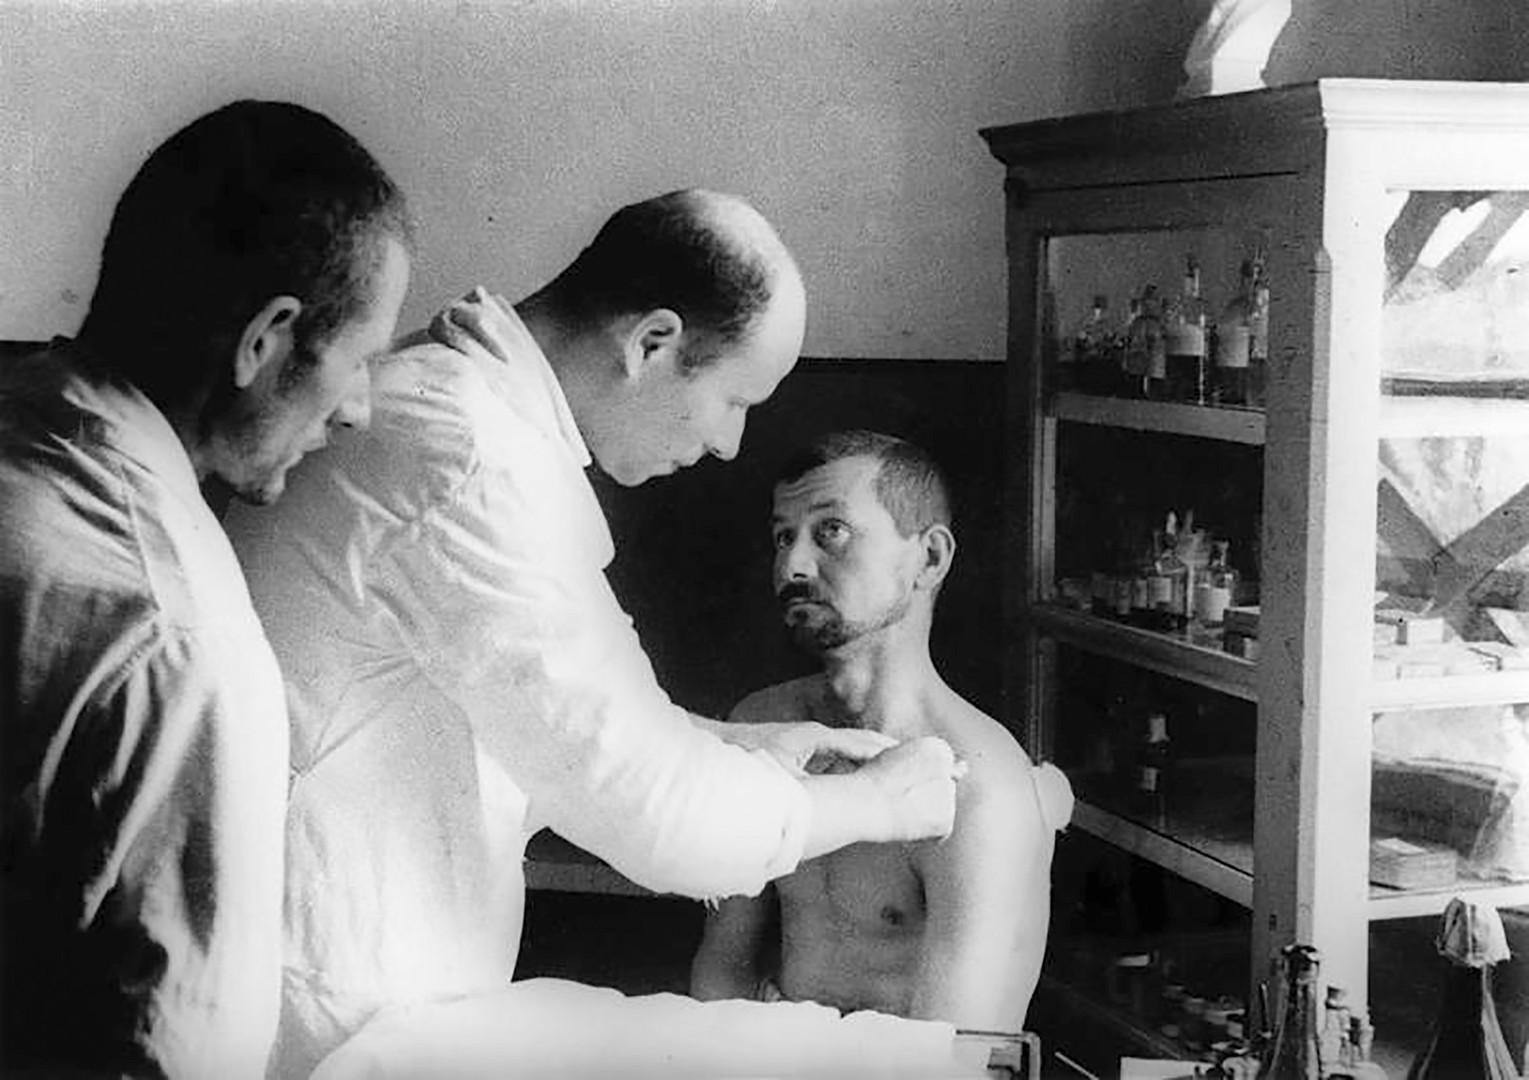 Румунски заробљеник у Одеси, август 1941.